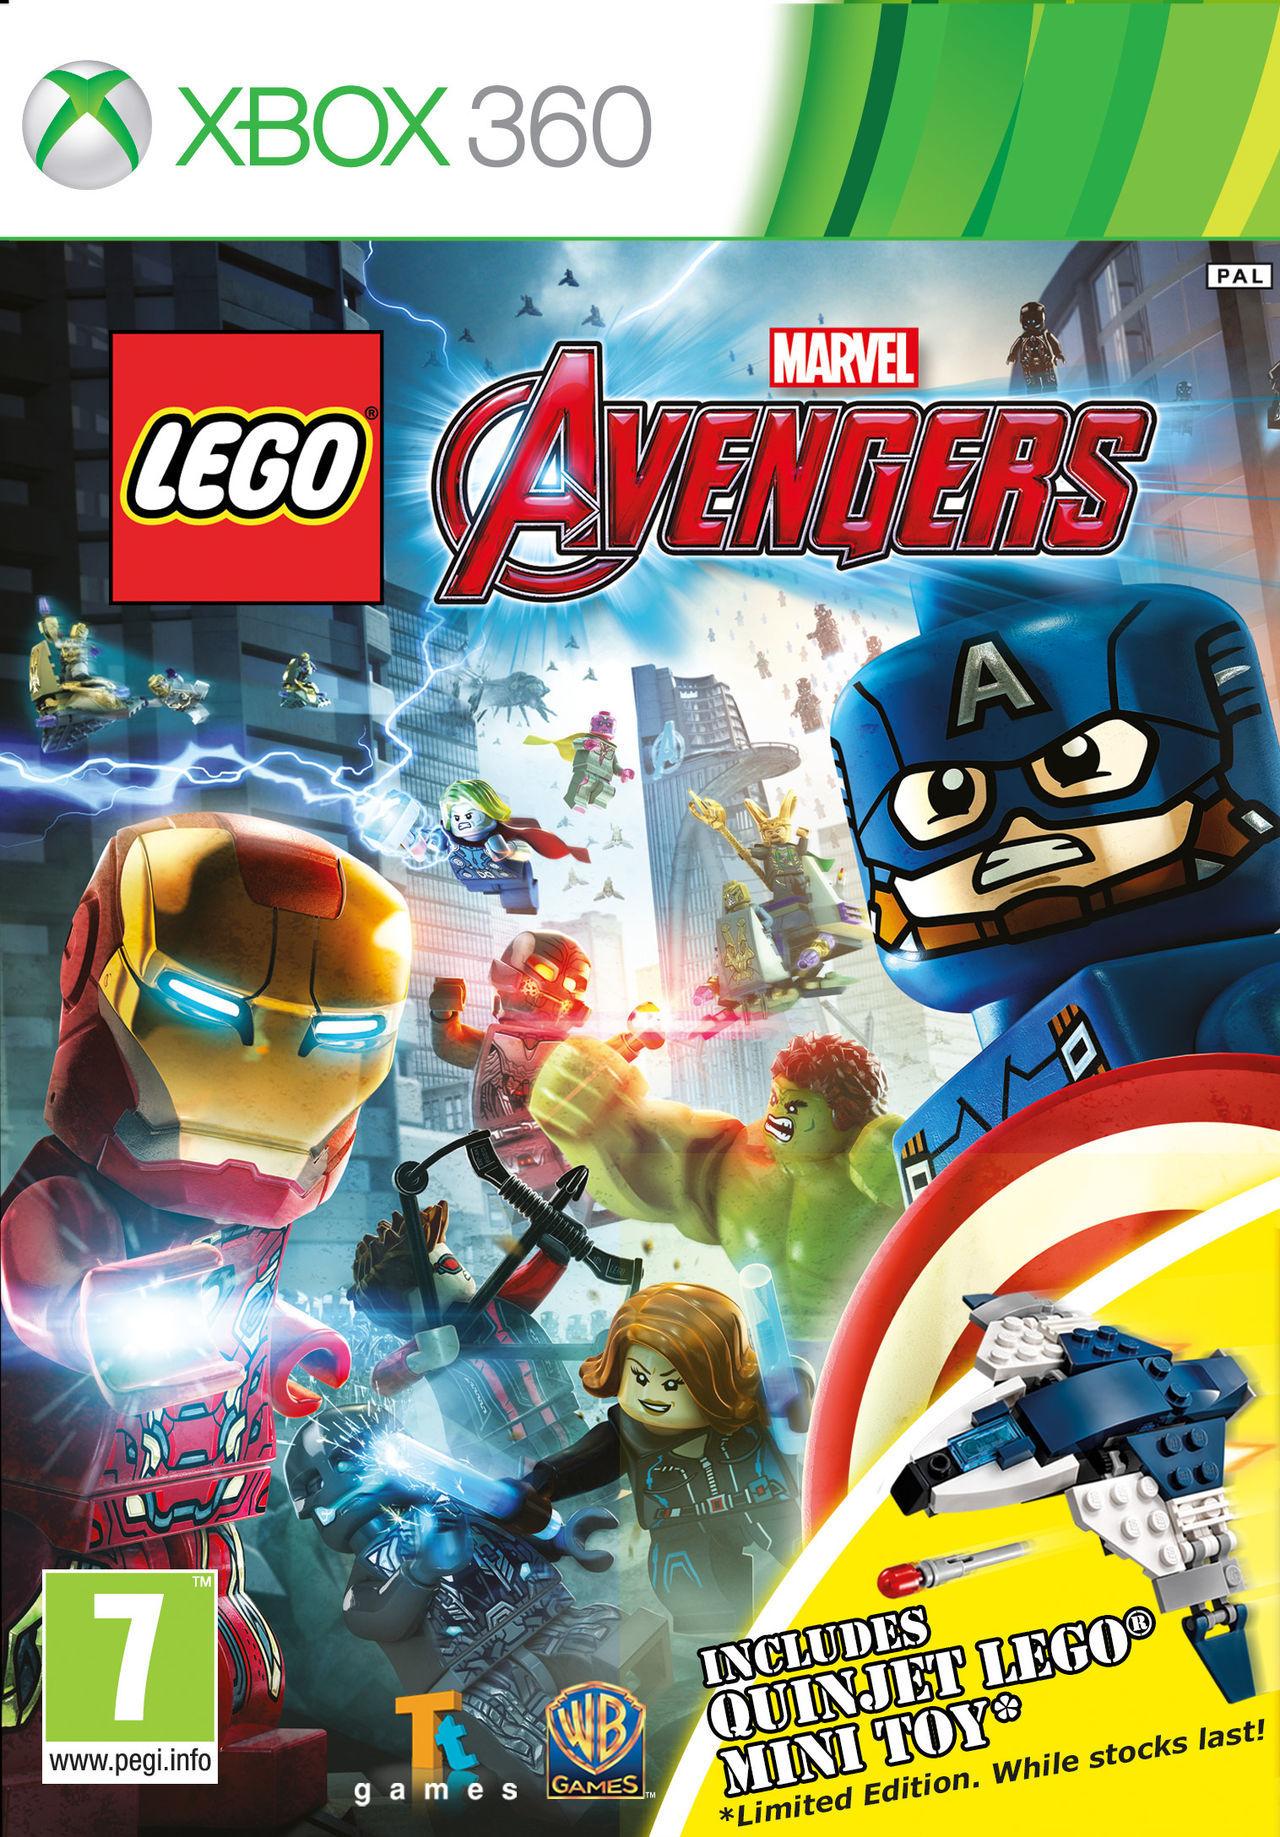 Trucos Lego Marvel Vengadores Xbox 360 Claves Guias